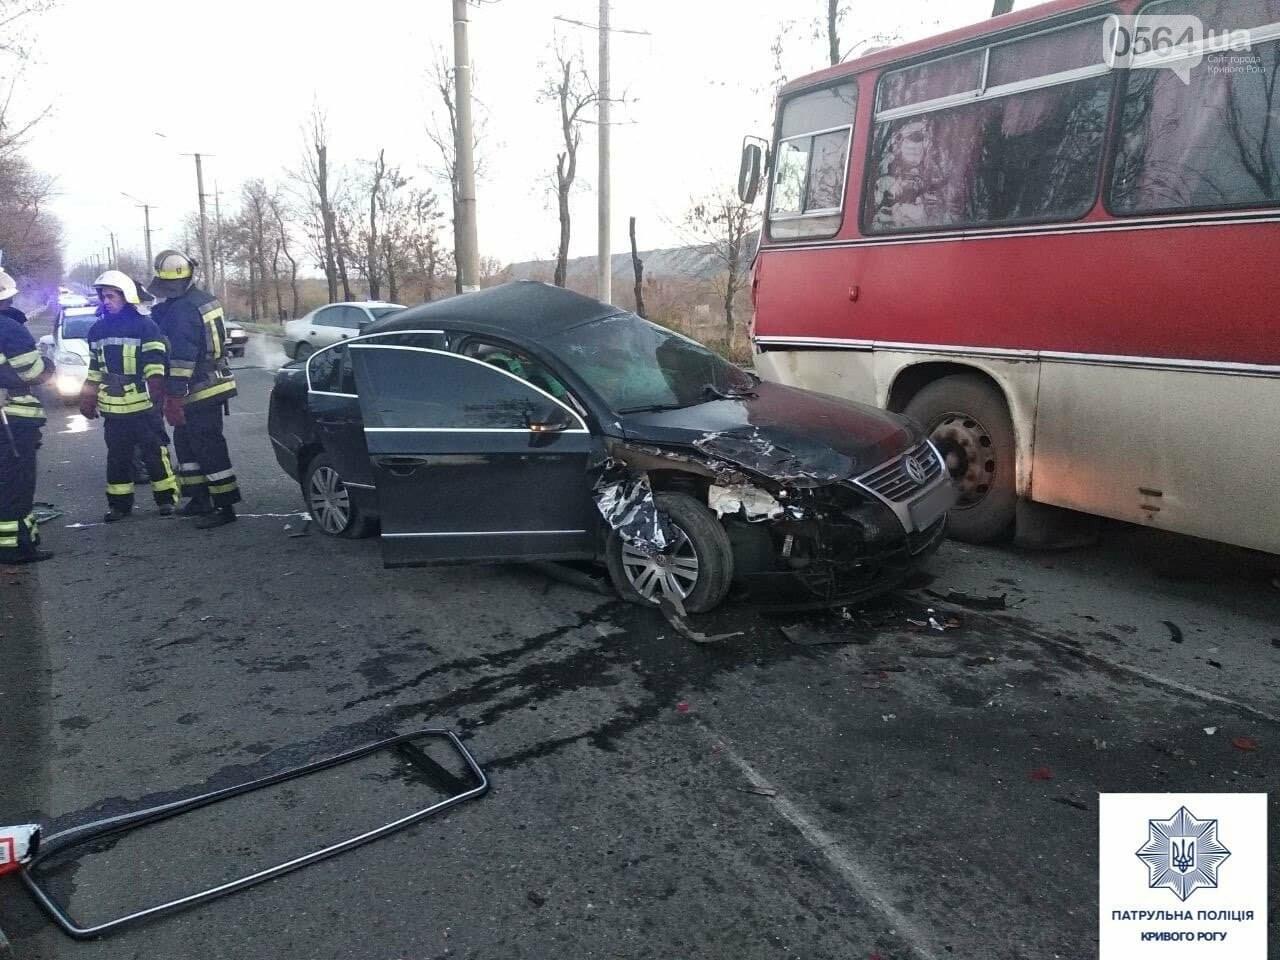 Volkswagen не выбрал безопасную скорость, - в полиции уточнили обстоятельства смертельного ДТП в Кривом Роге, - ФОТО, фото-4